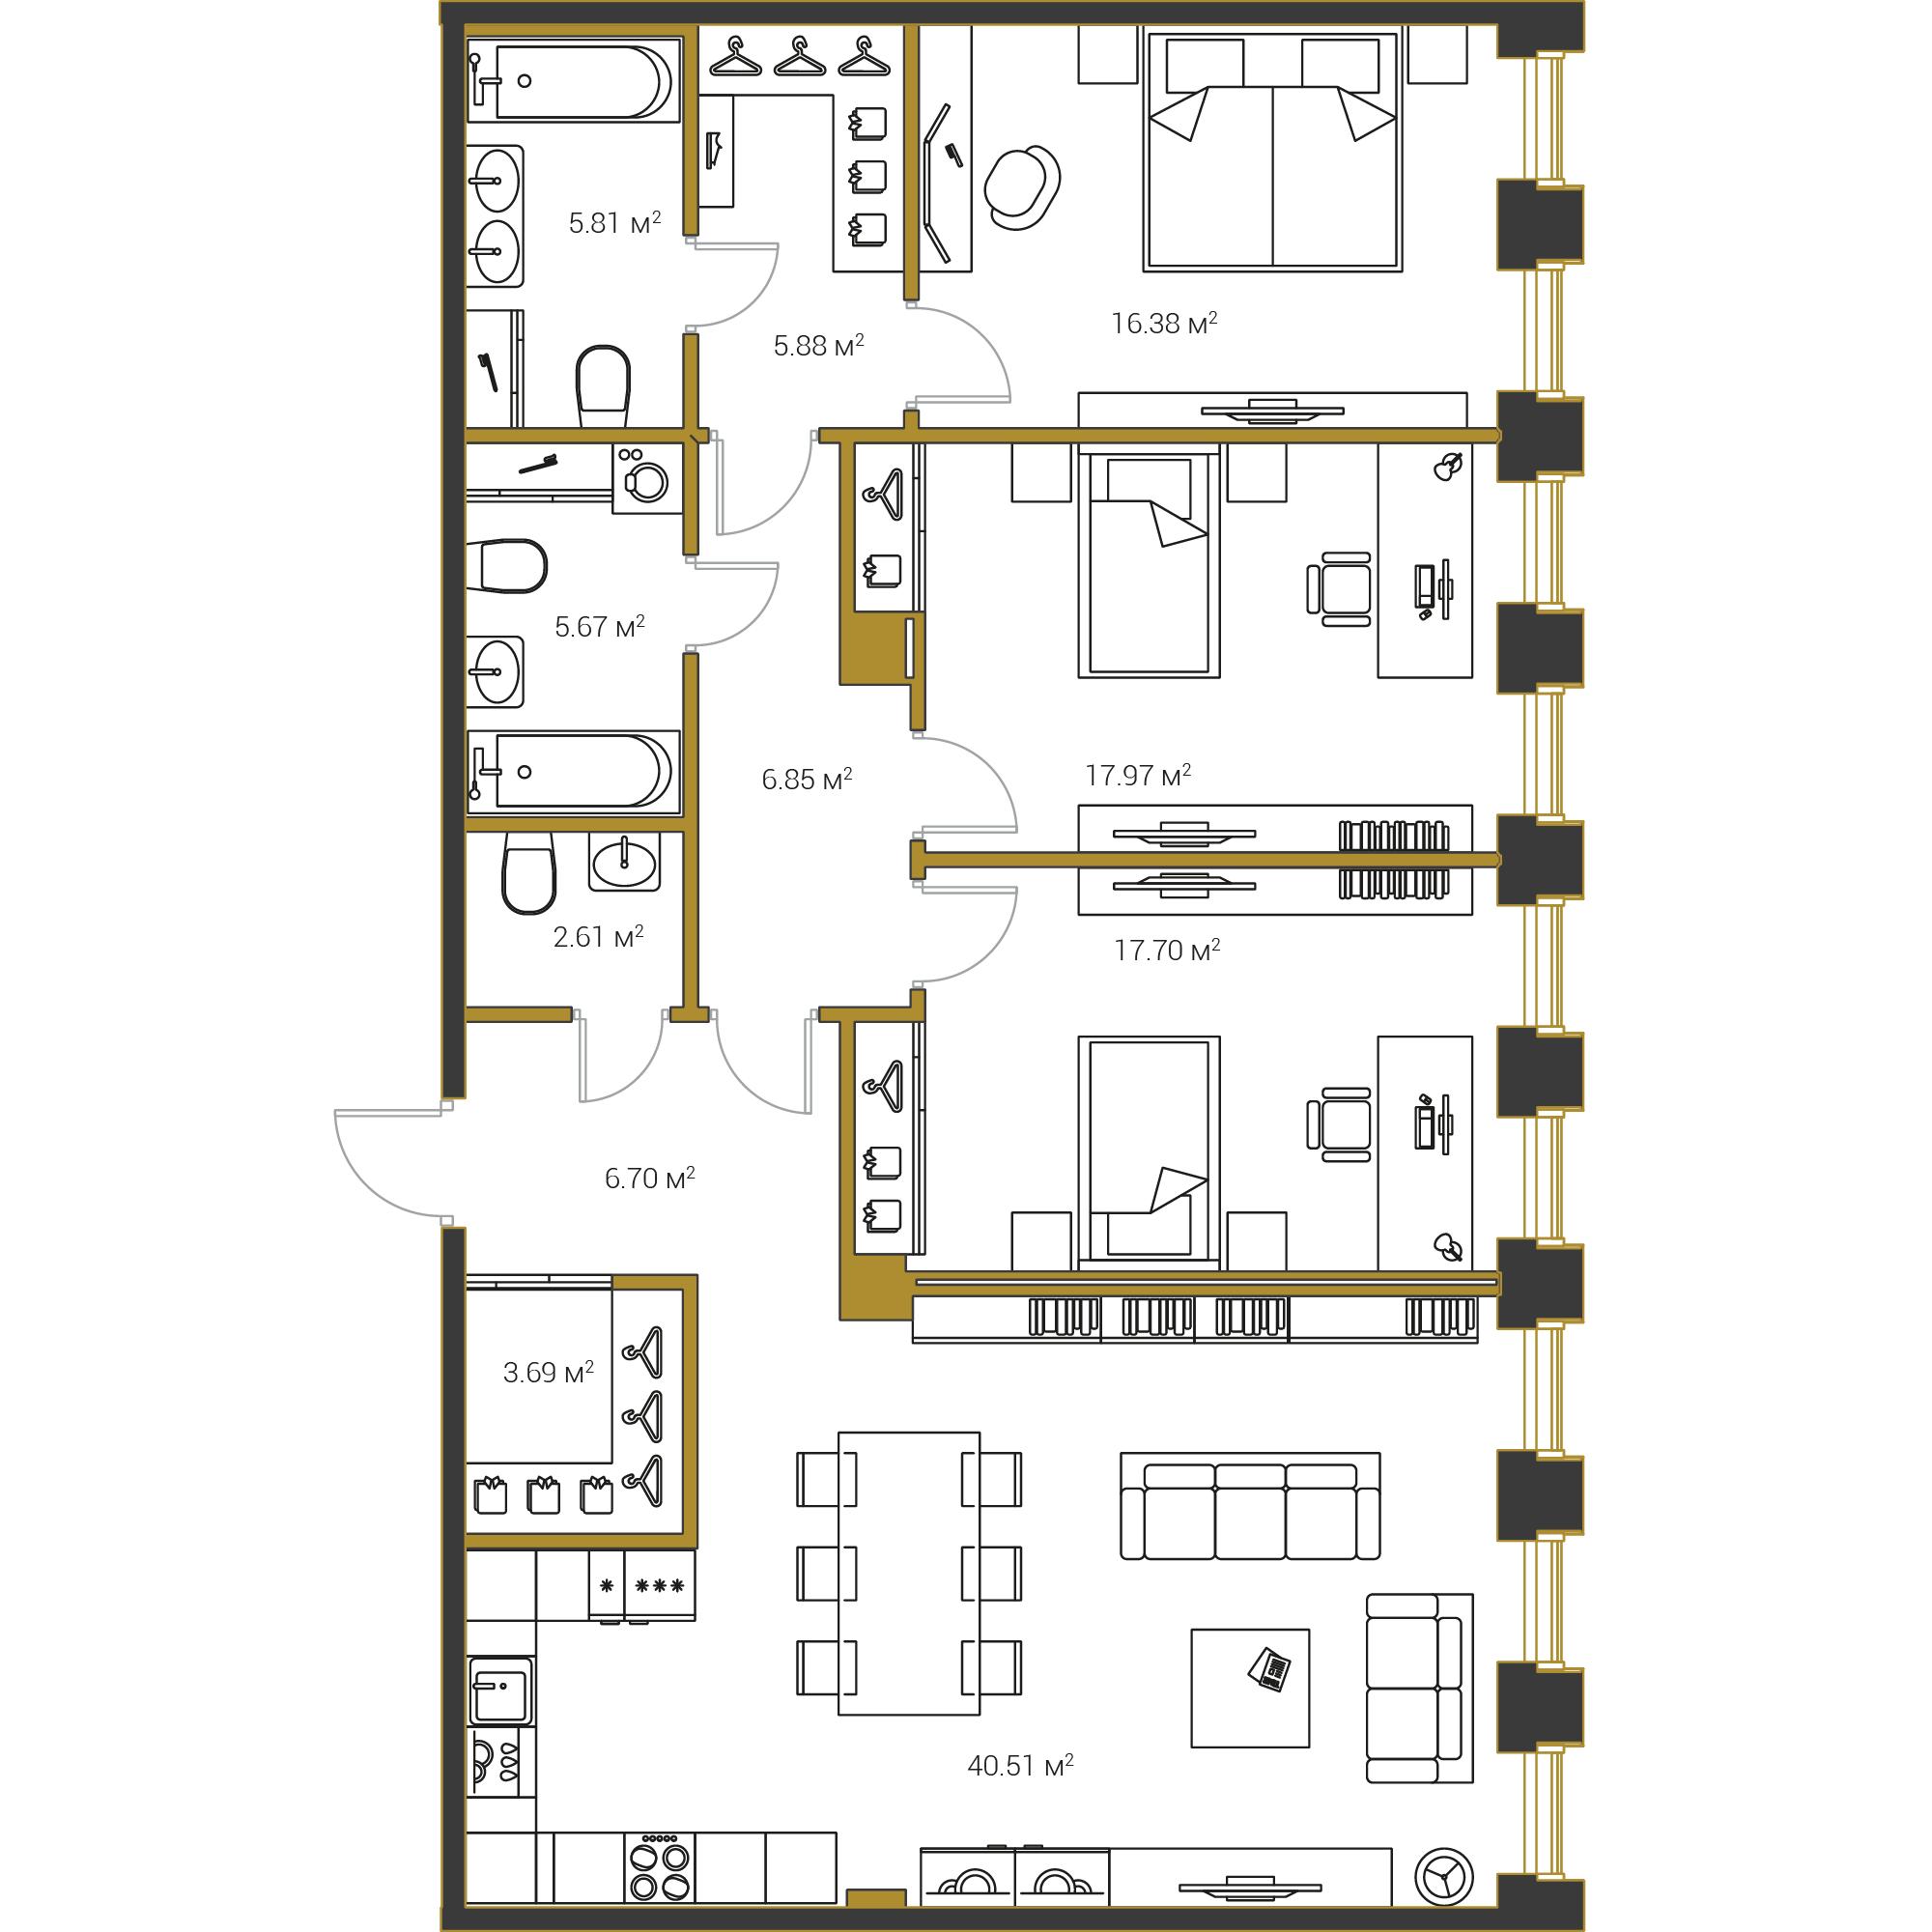 3-комнатная квартира №16 в: Институтский,16: 129.77 м²; этаж: 18 - купить в Санкт-Петербурге